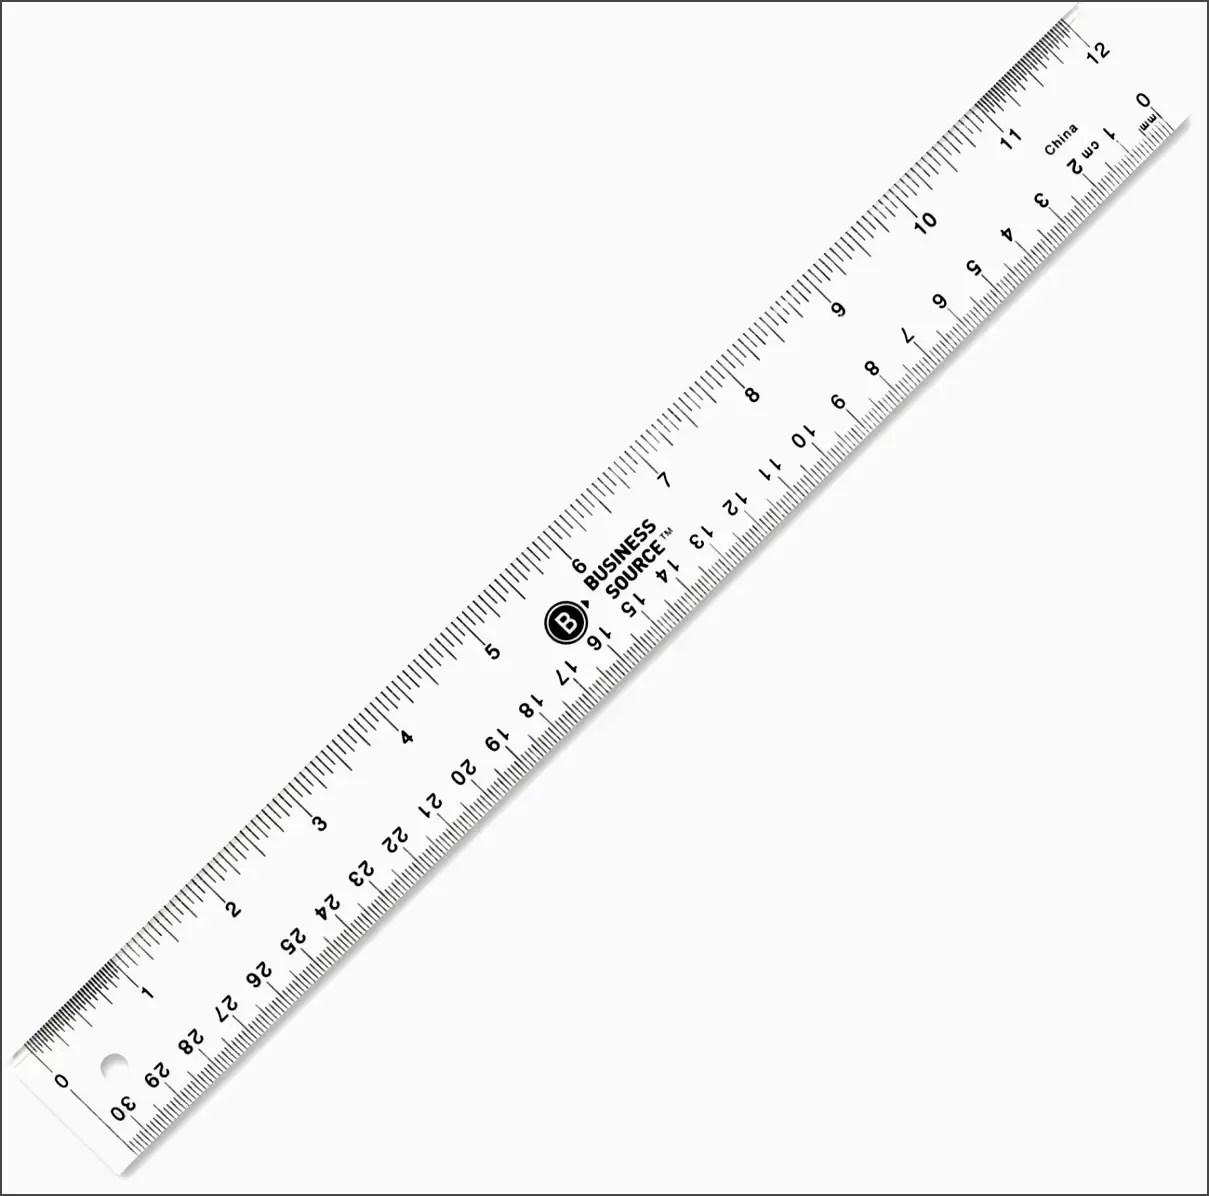 69 Free Printable Rulers